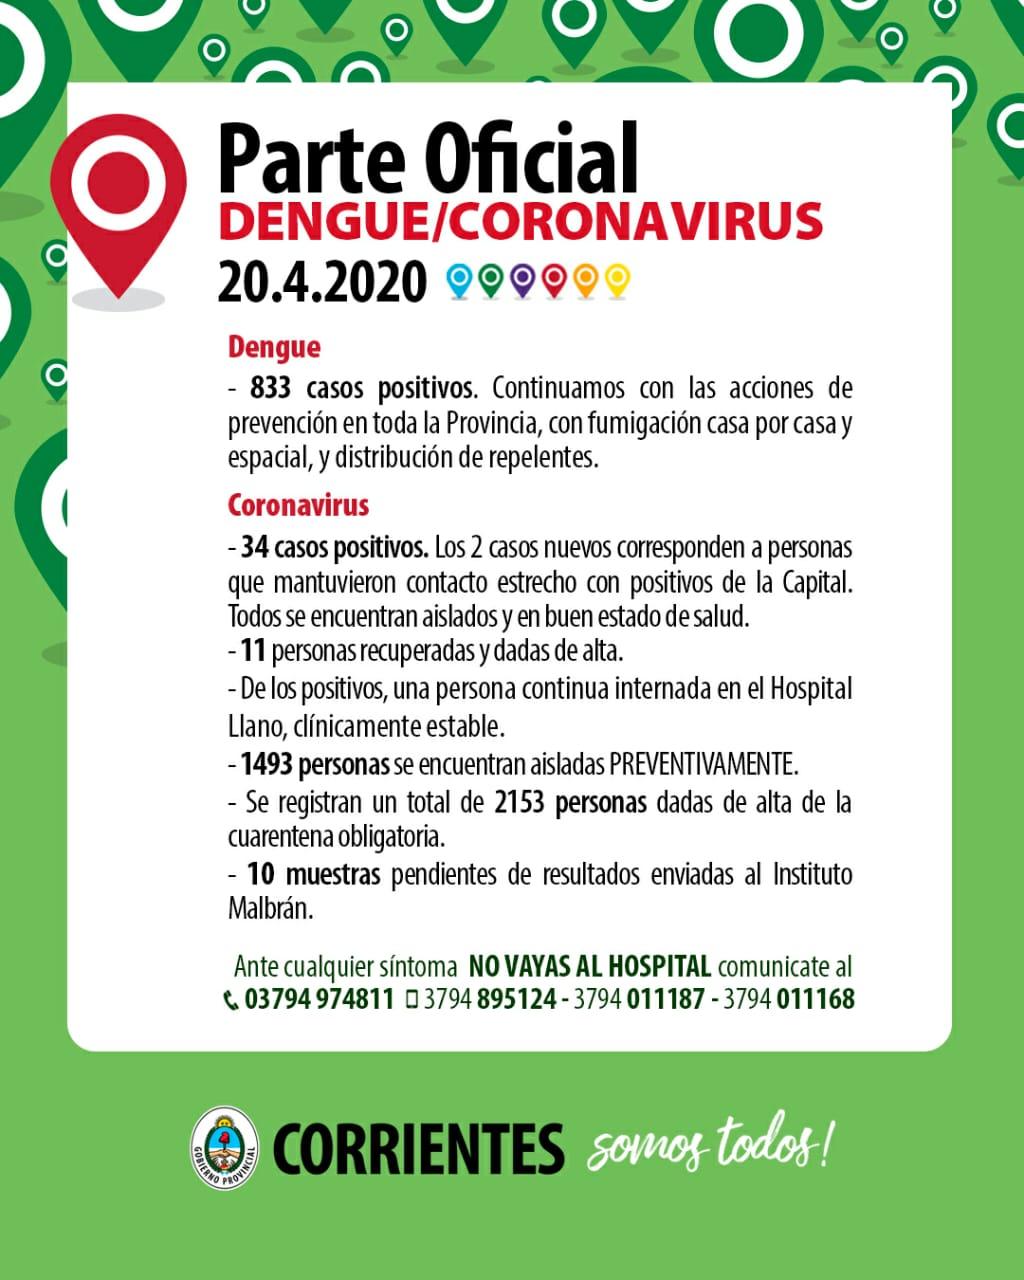 Se registraron dos nuevos positivos de Coronavirus-COVID-19 en Corrientes